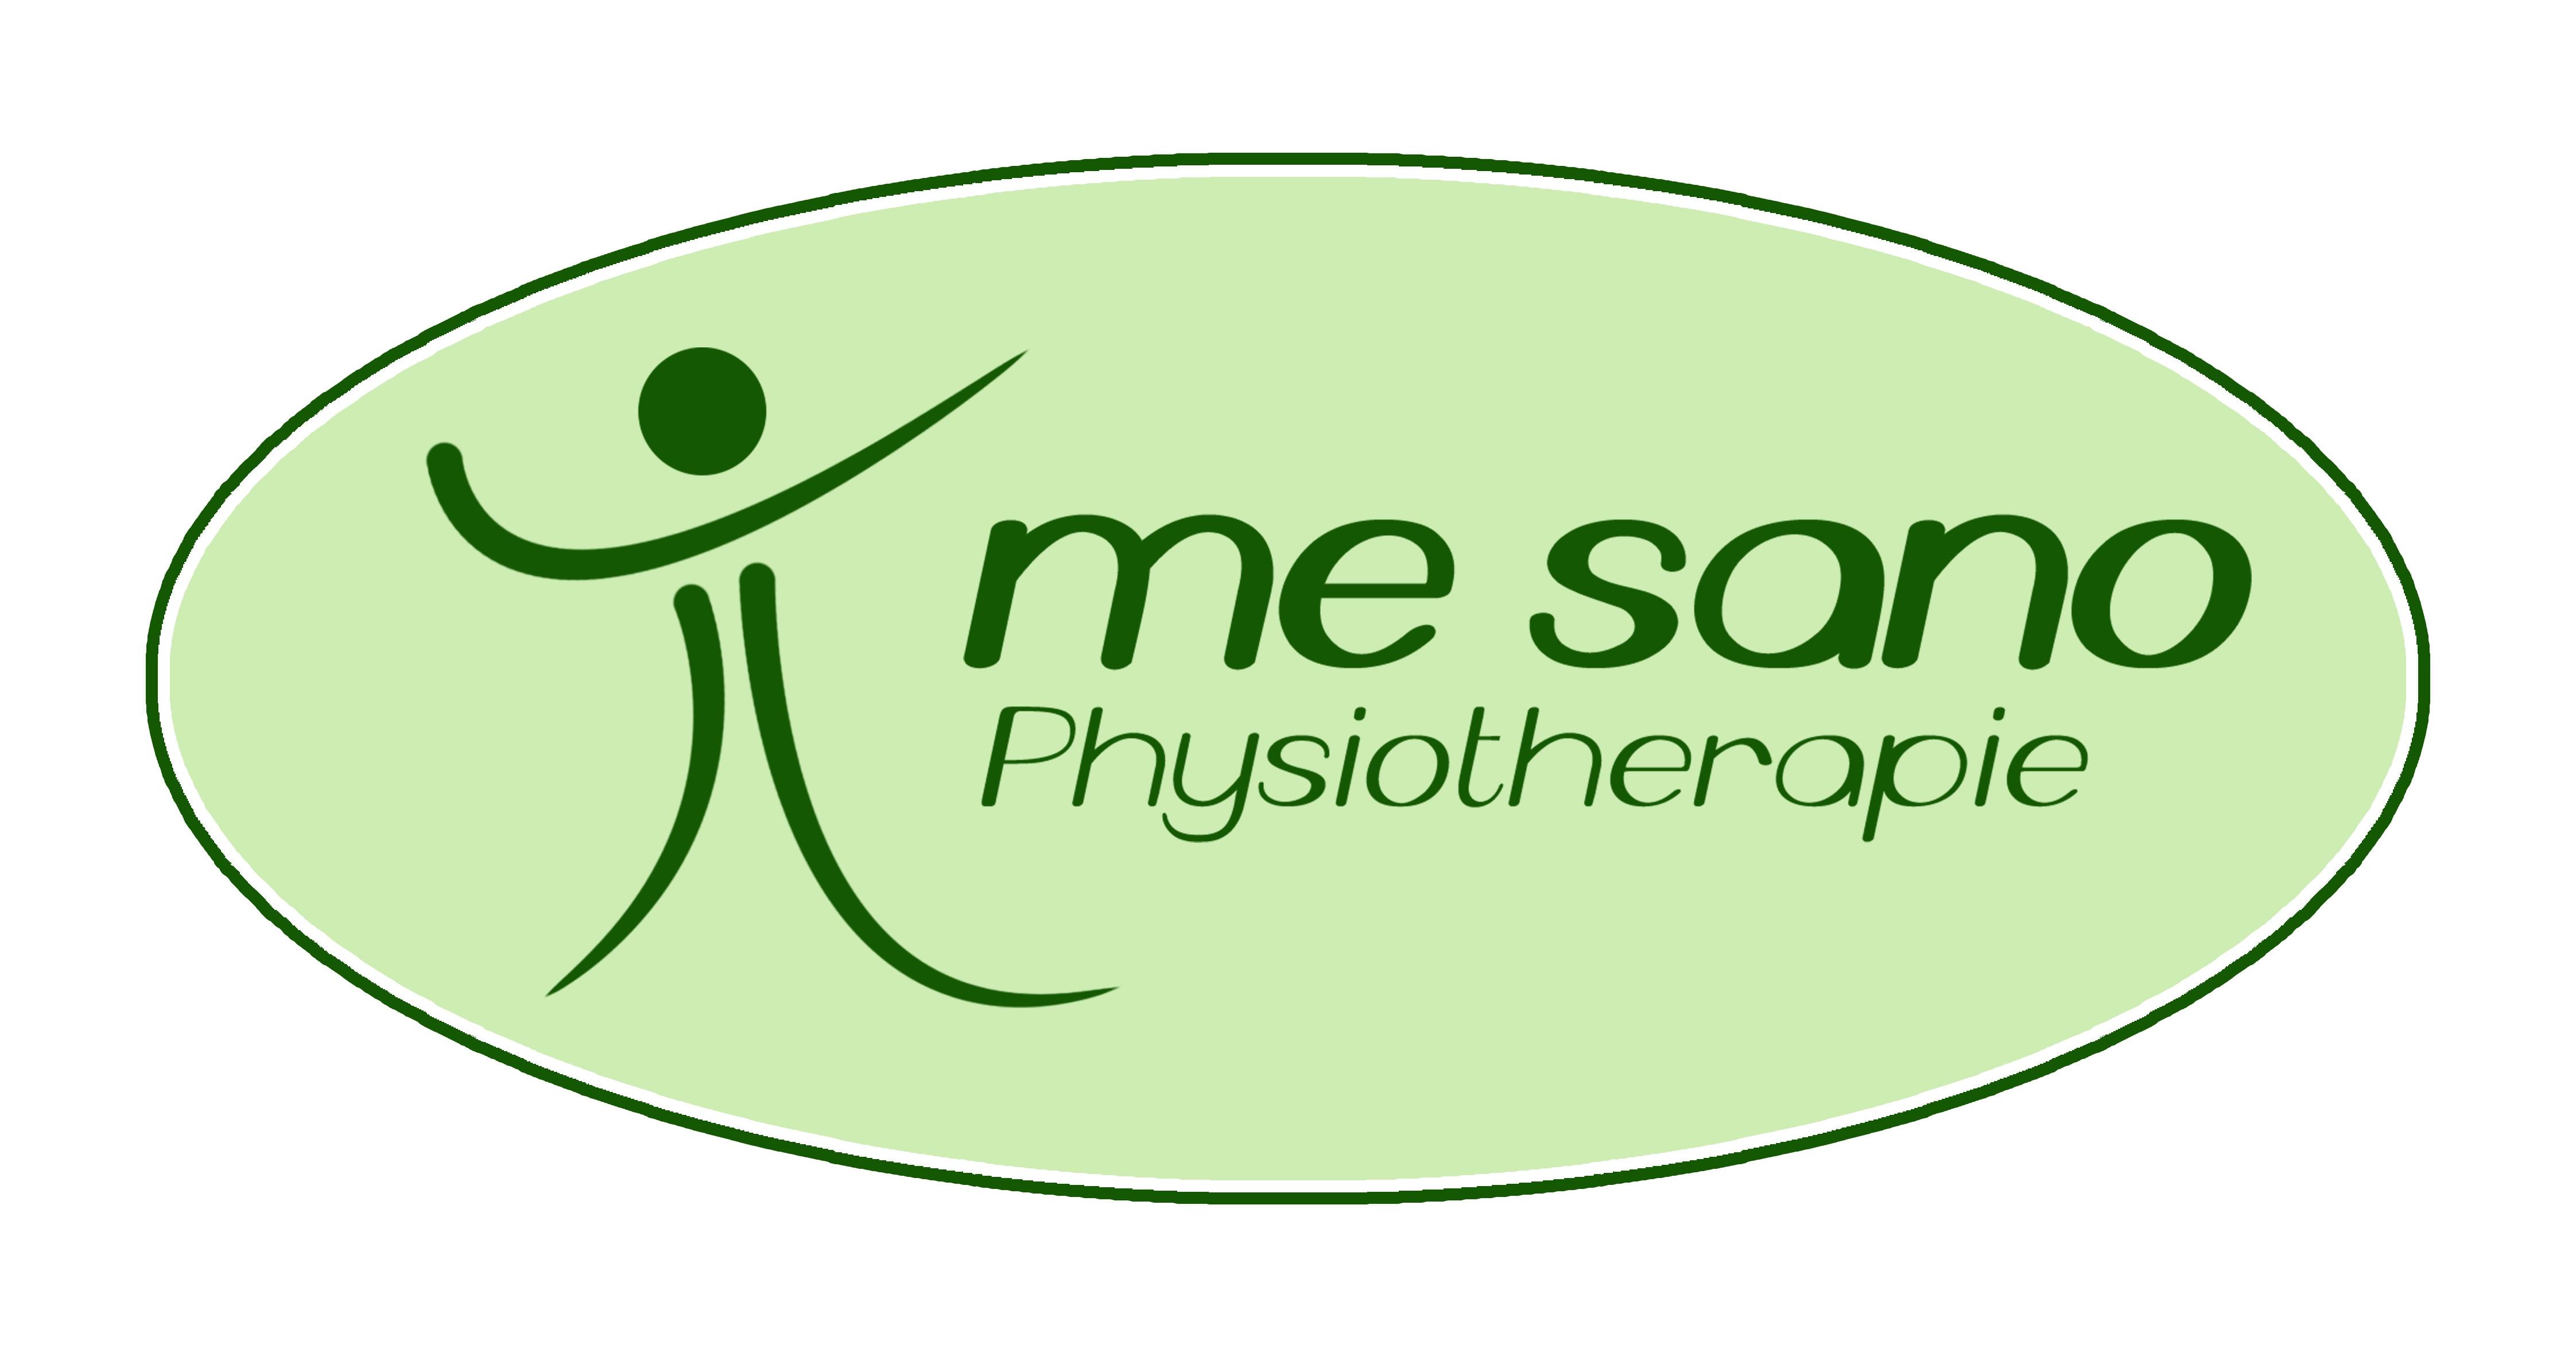 Me Sano Physiotherapie - Eisenbarth und Mager GbR